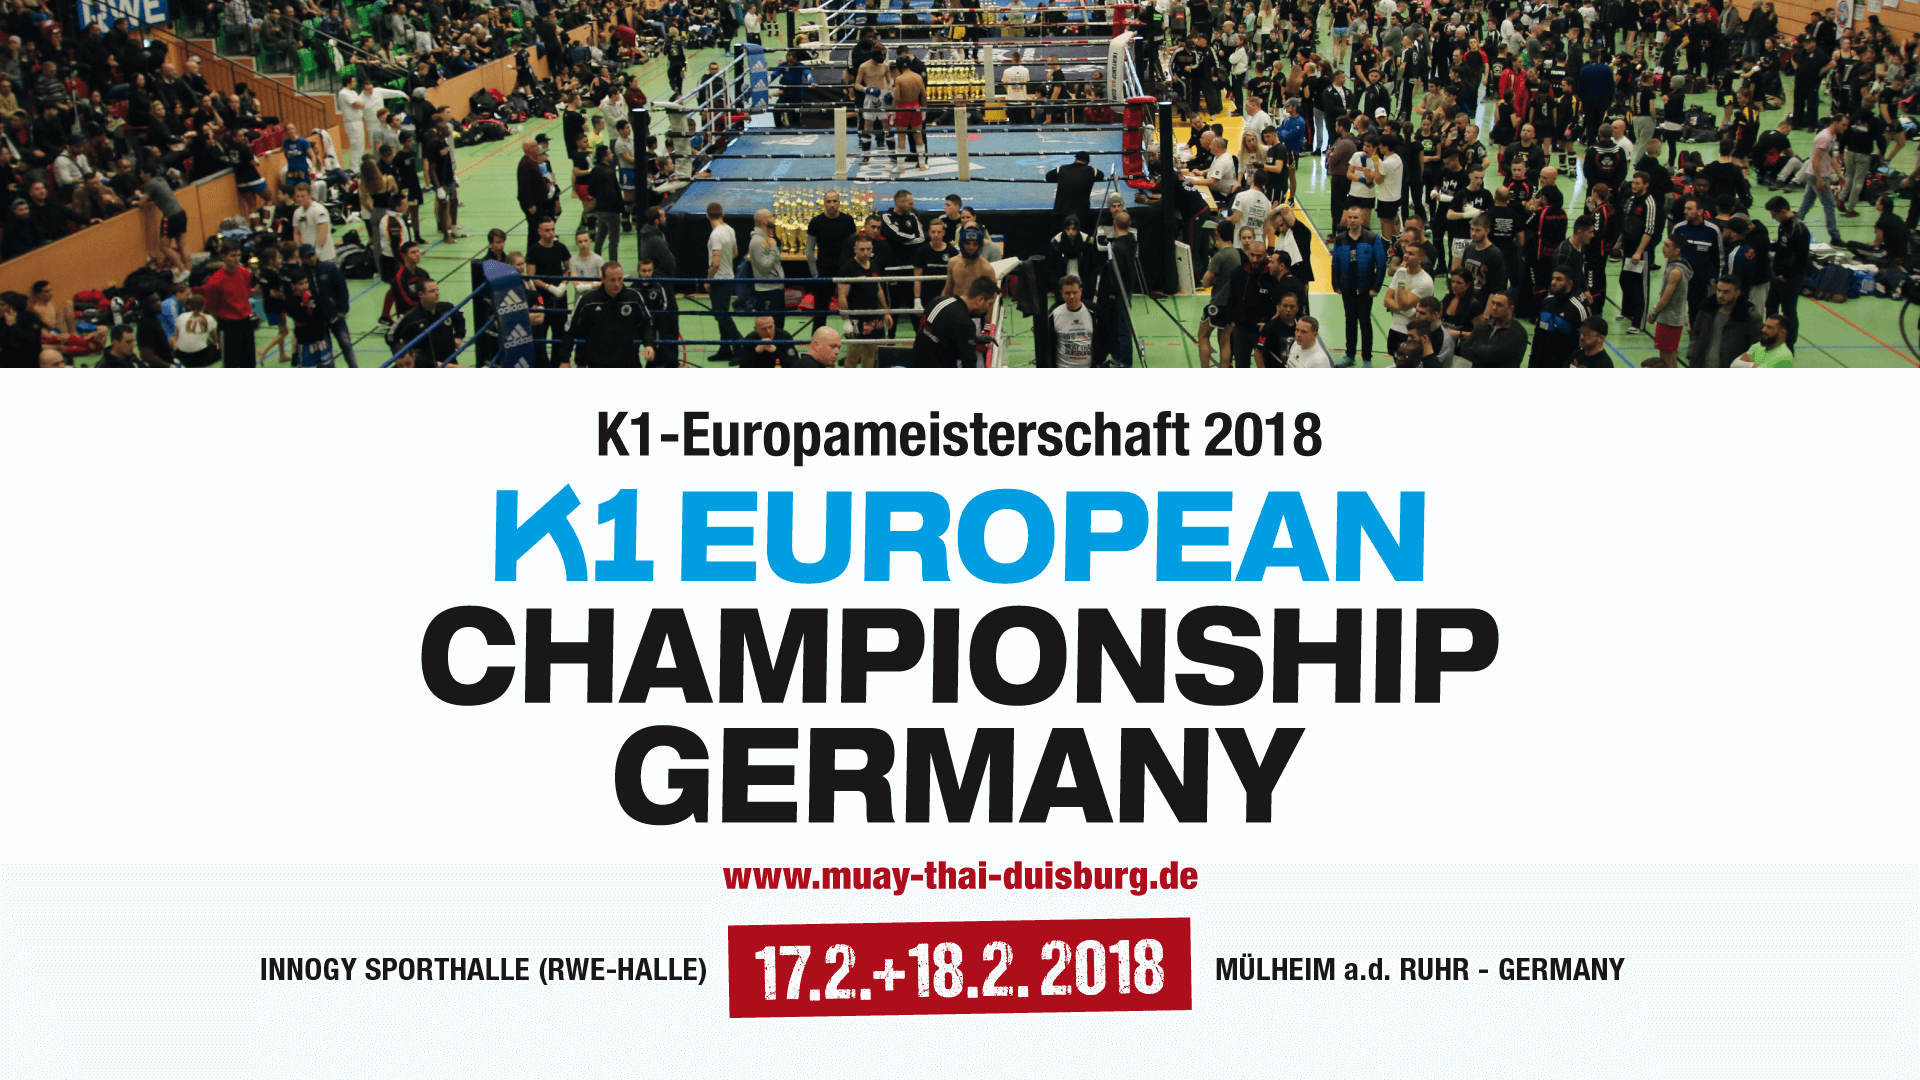 K1 Europameisterschaft 2018